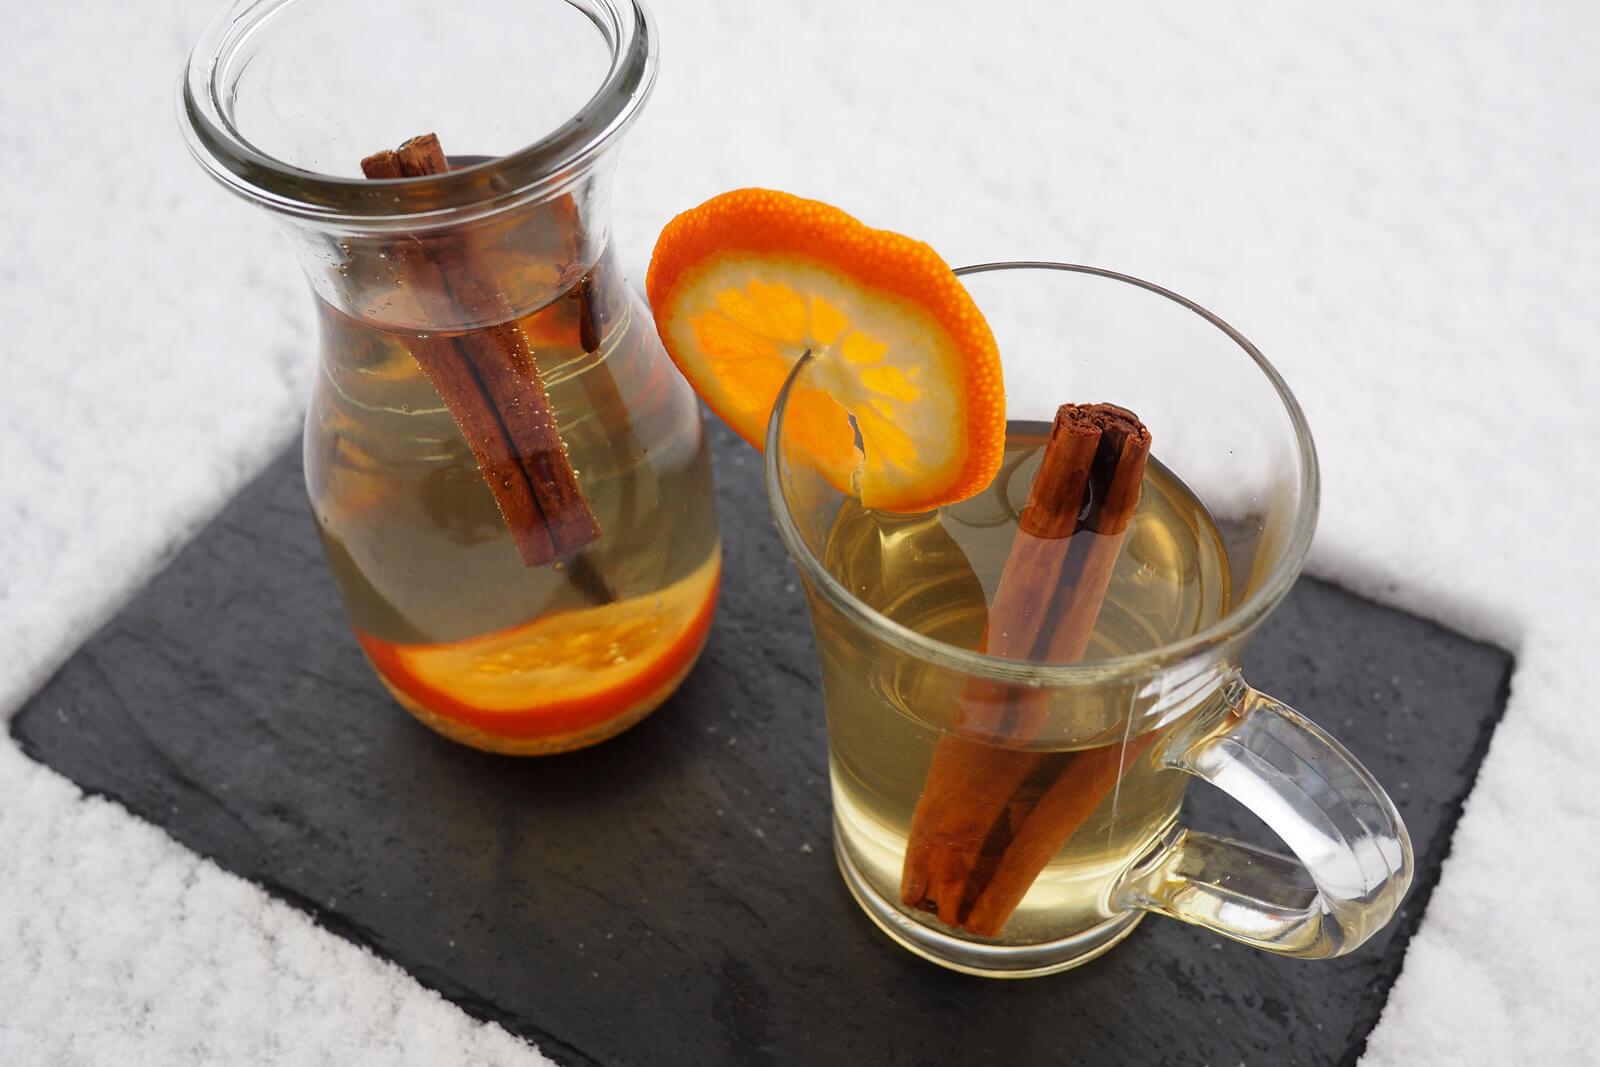 Swiss Winter Drinks - Glühmost